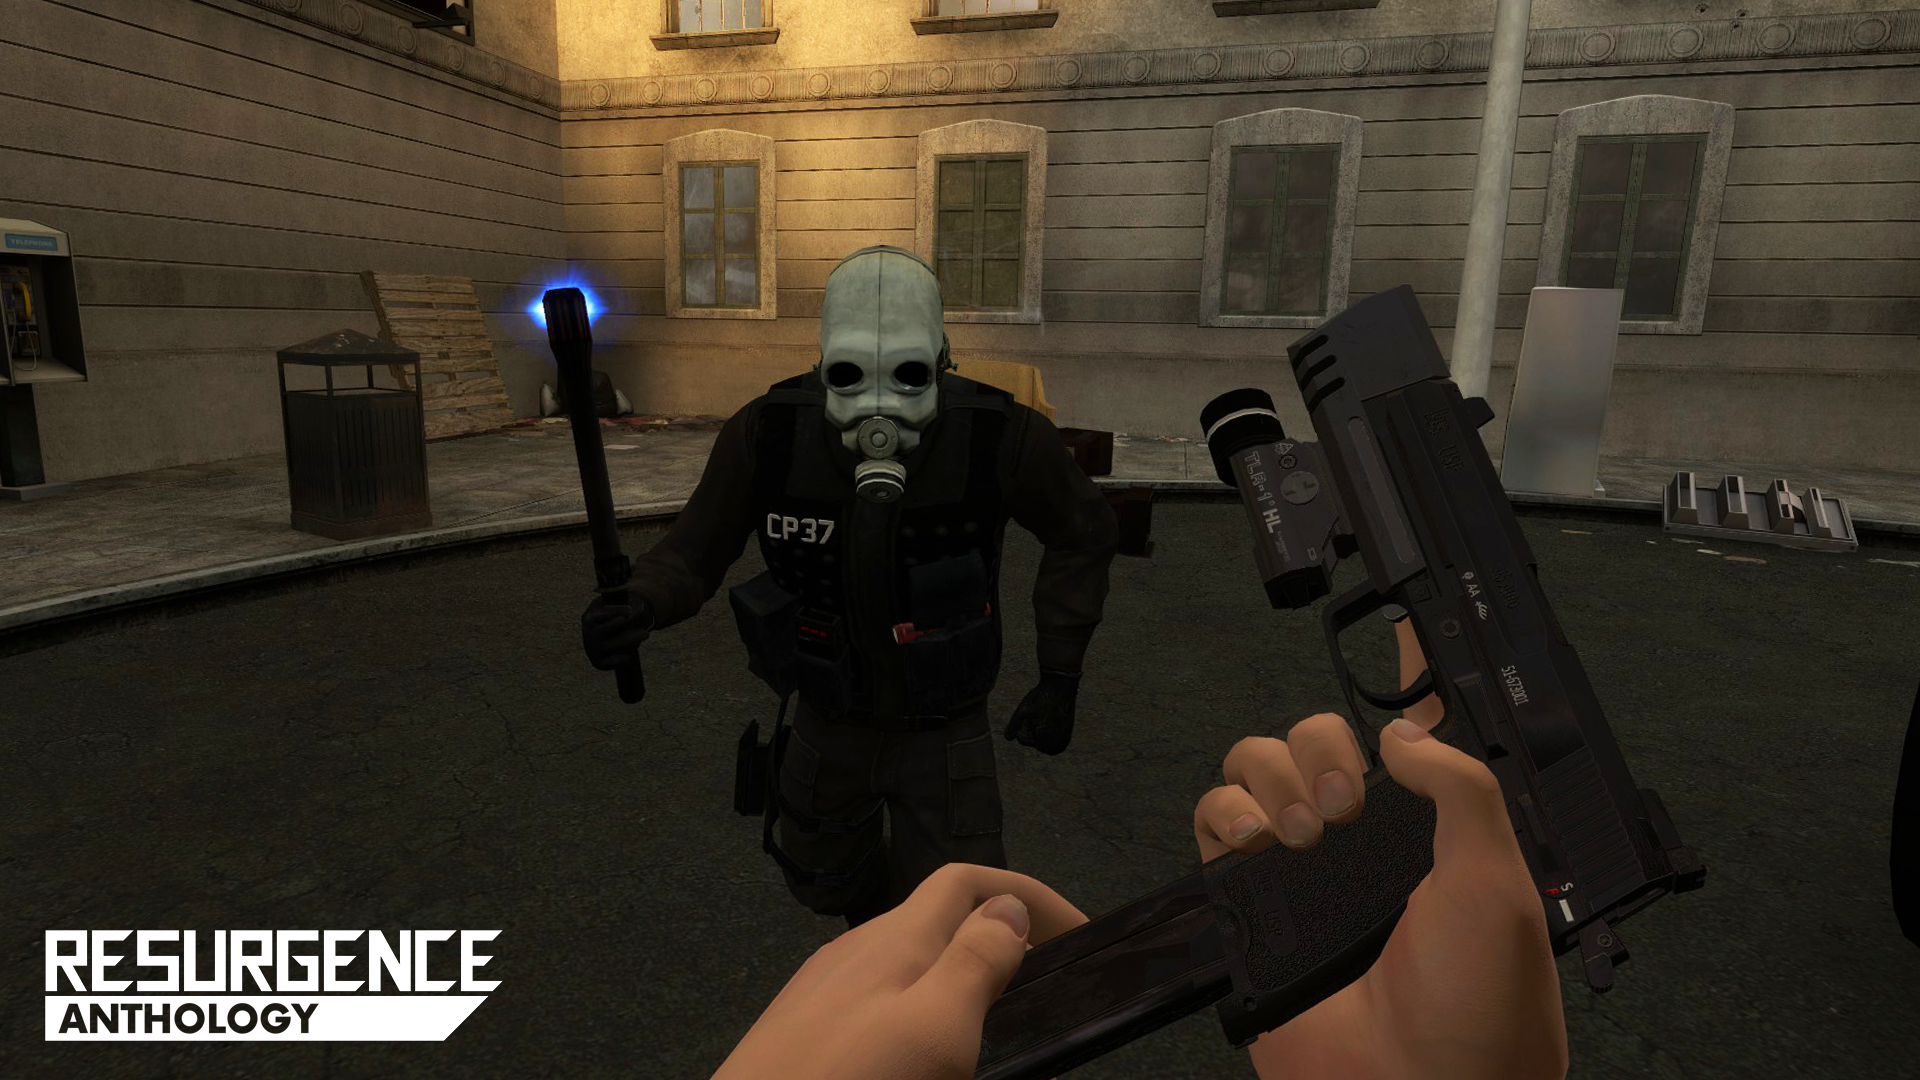 screenshot gameplay1